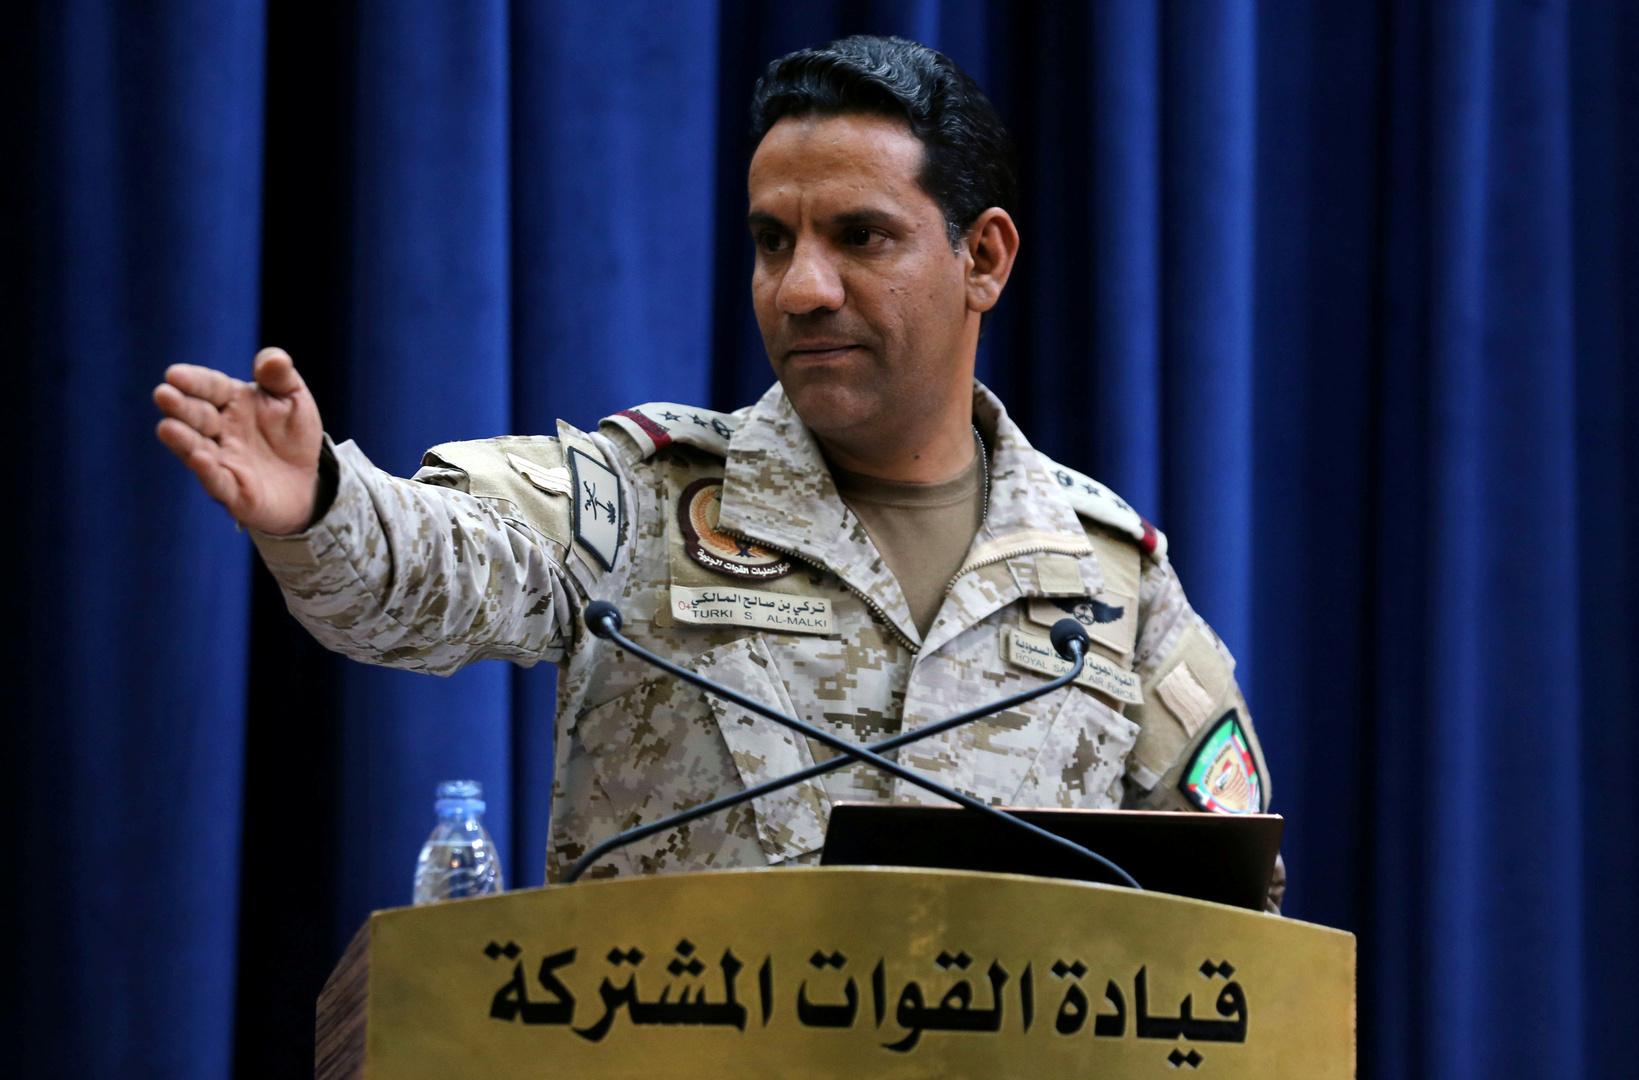 التحالف العربي يعترض طائرة مسيّرة أطلقها الحوثيون باتجاه السعودية